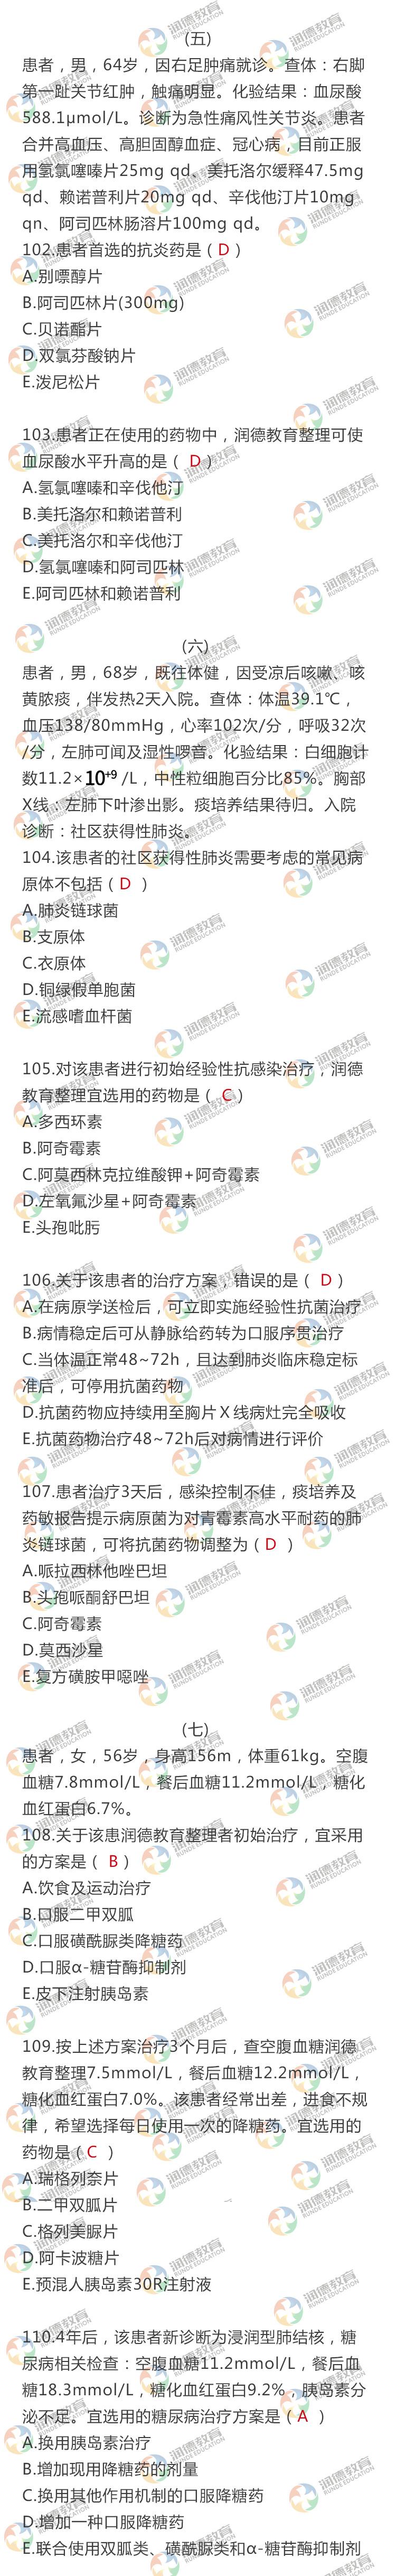 西药综合91-100.jpg